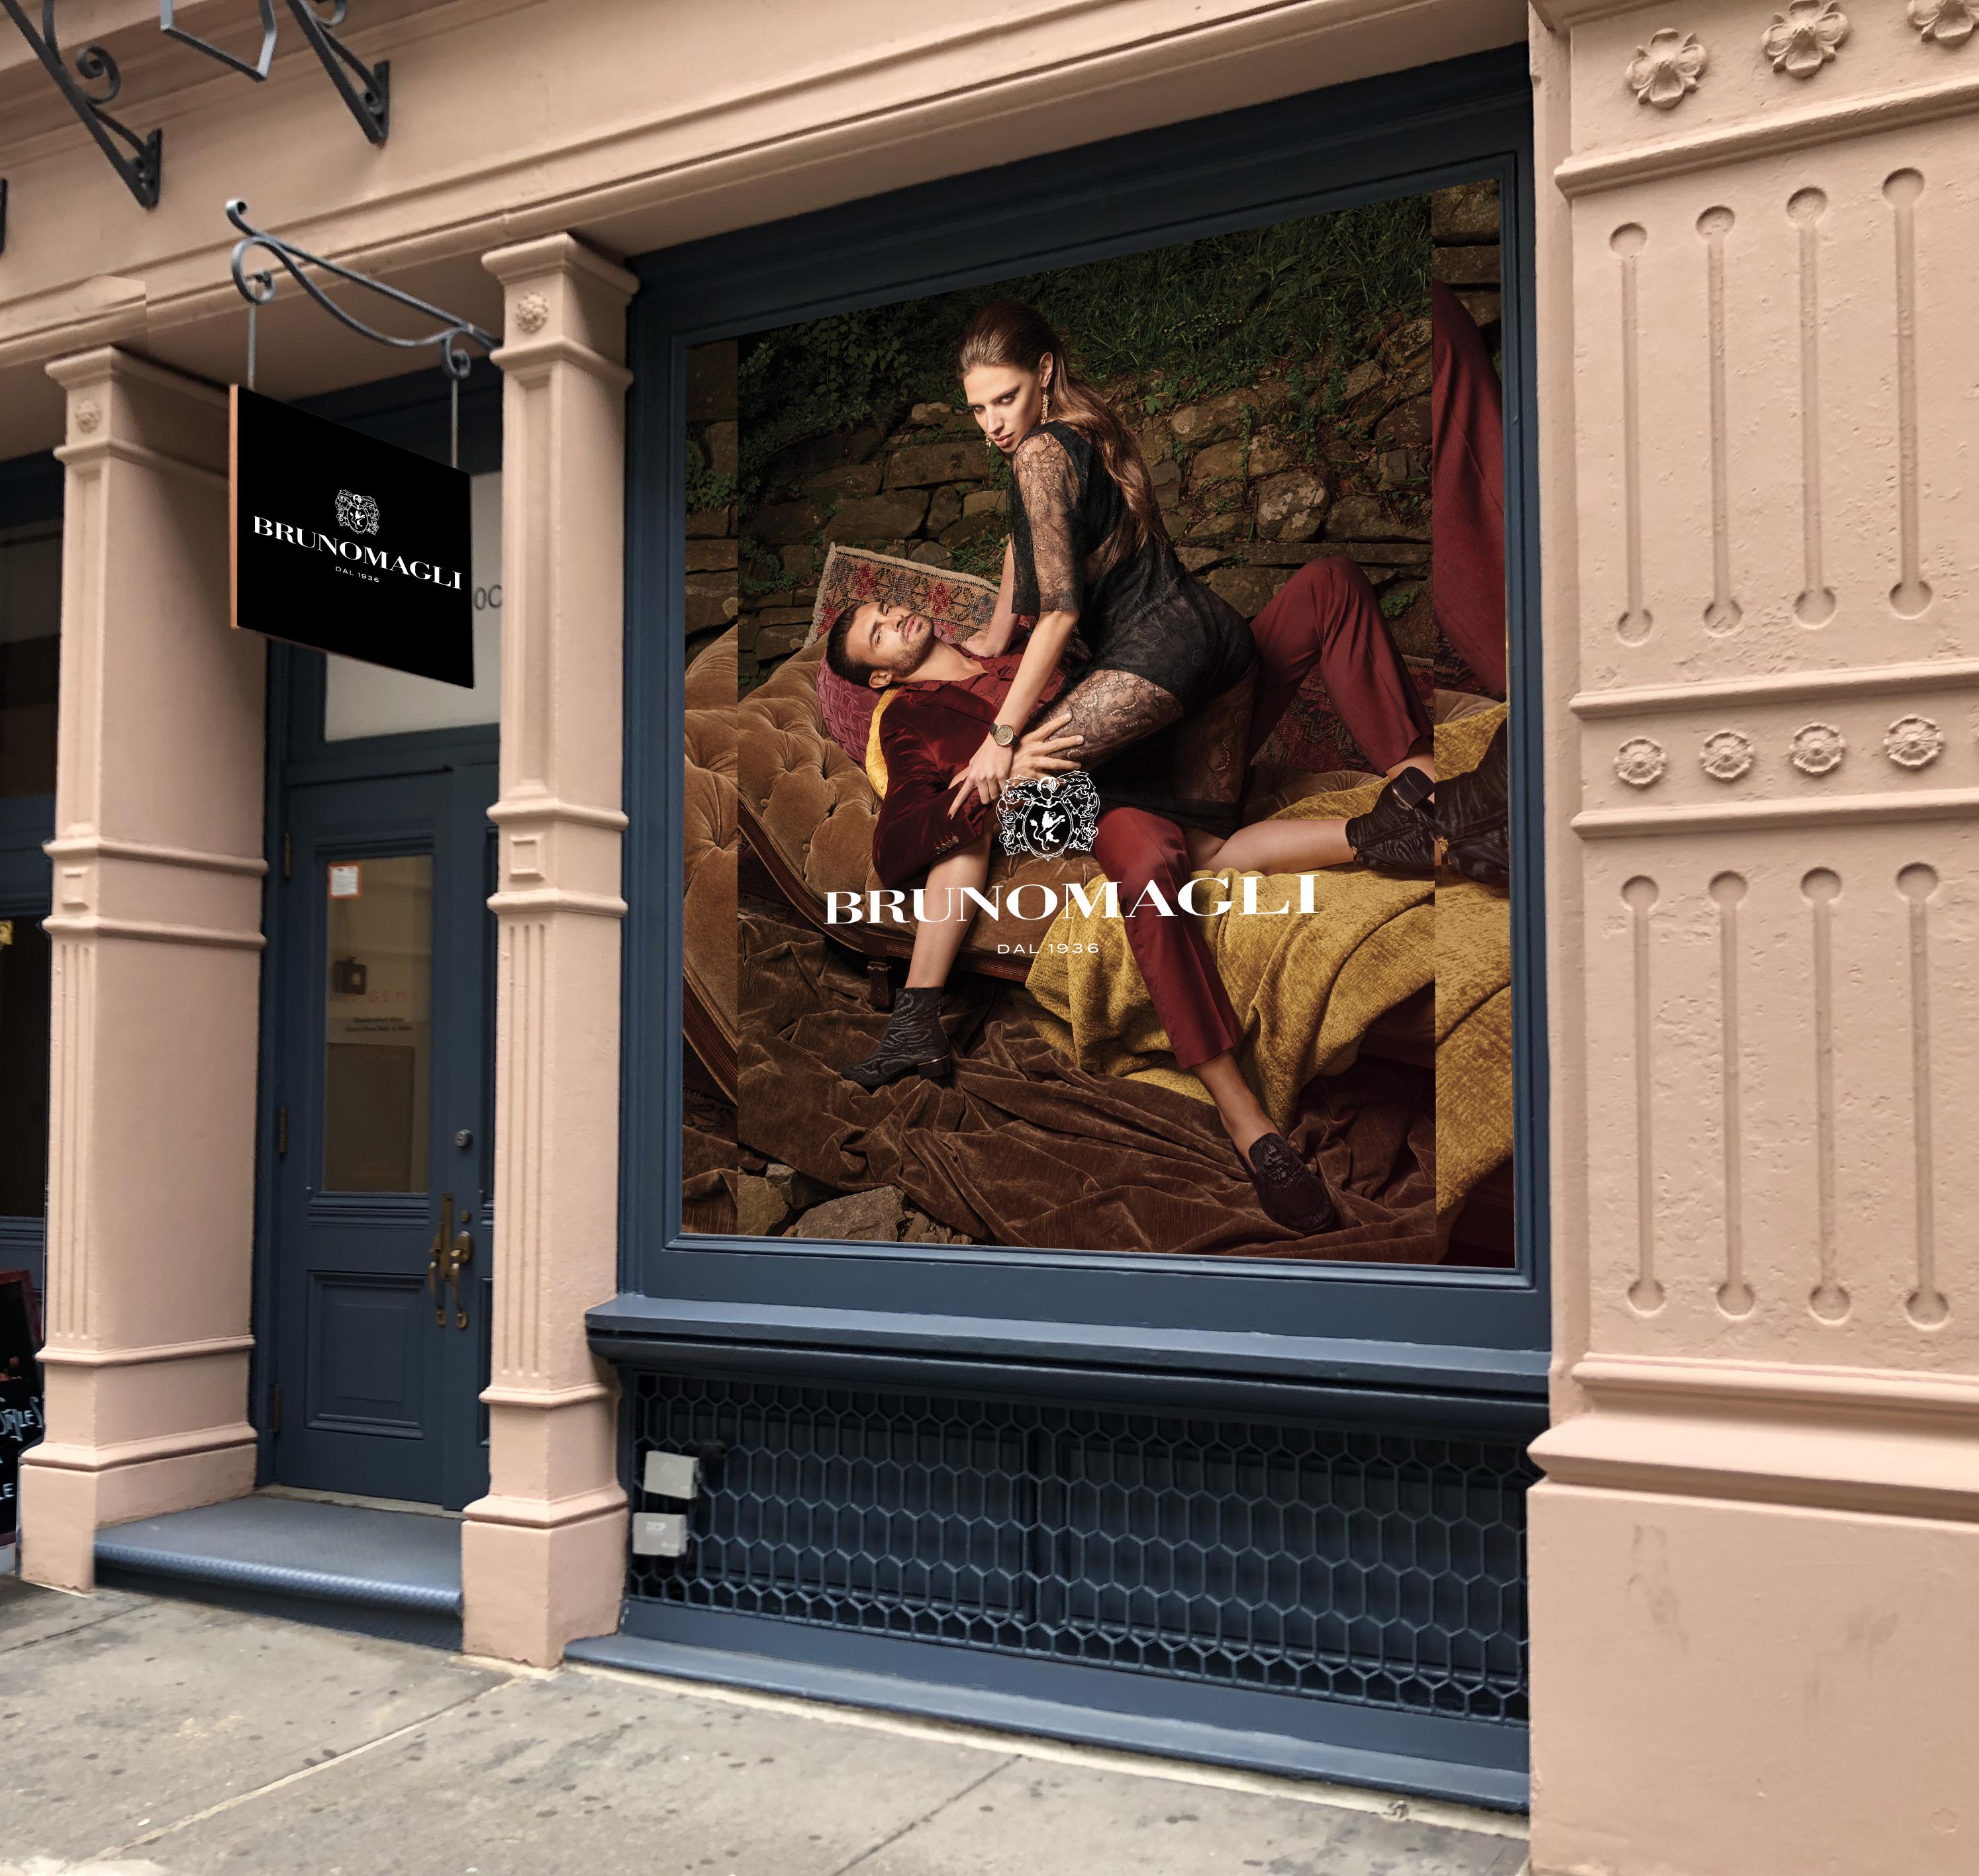 Bruno Magli's new storefront in New York's Soho